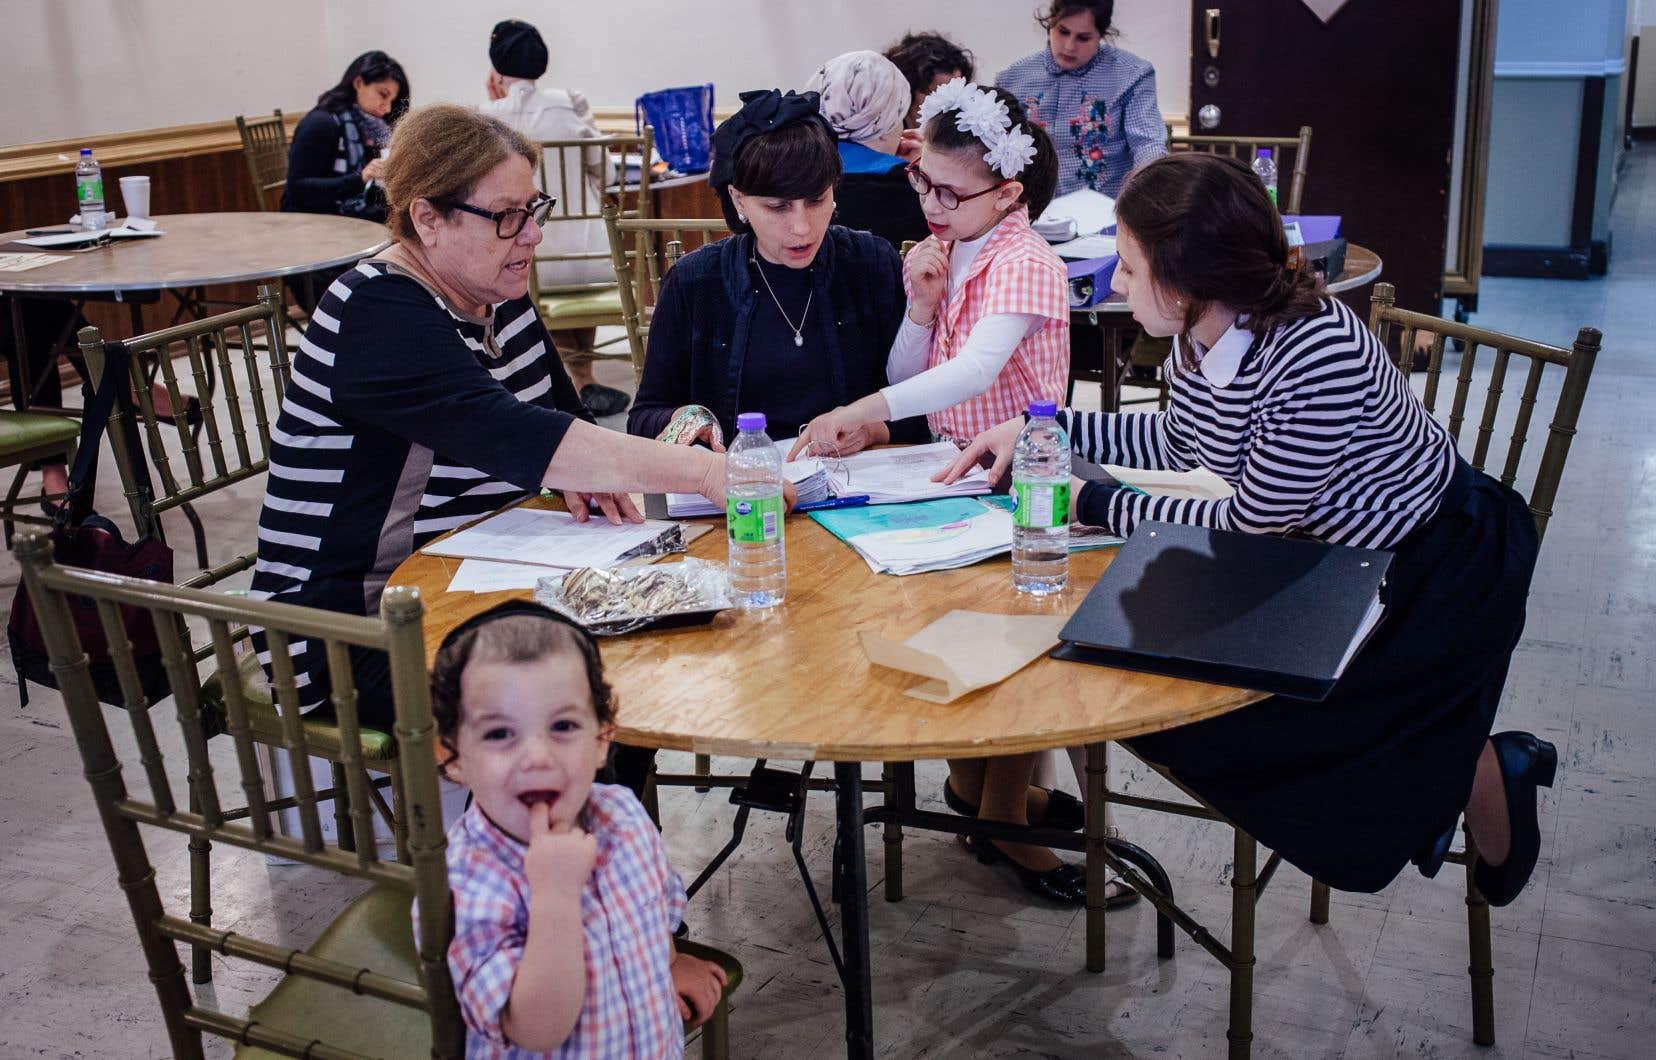 Rachelle Kahan, mère de 14 enfants, présente à l'évaluatrice Bev Miller (à gauche) les cartables de ses enfants à qui elle enseigne à la maison.